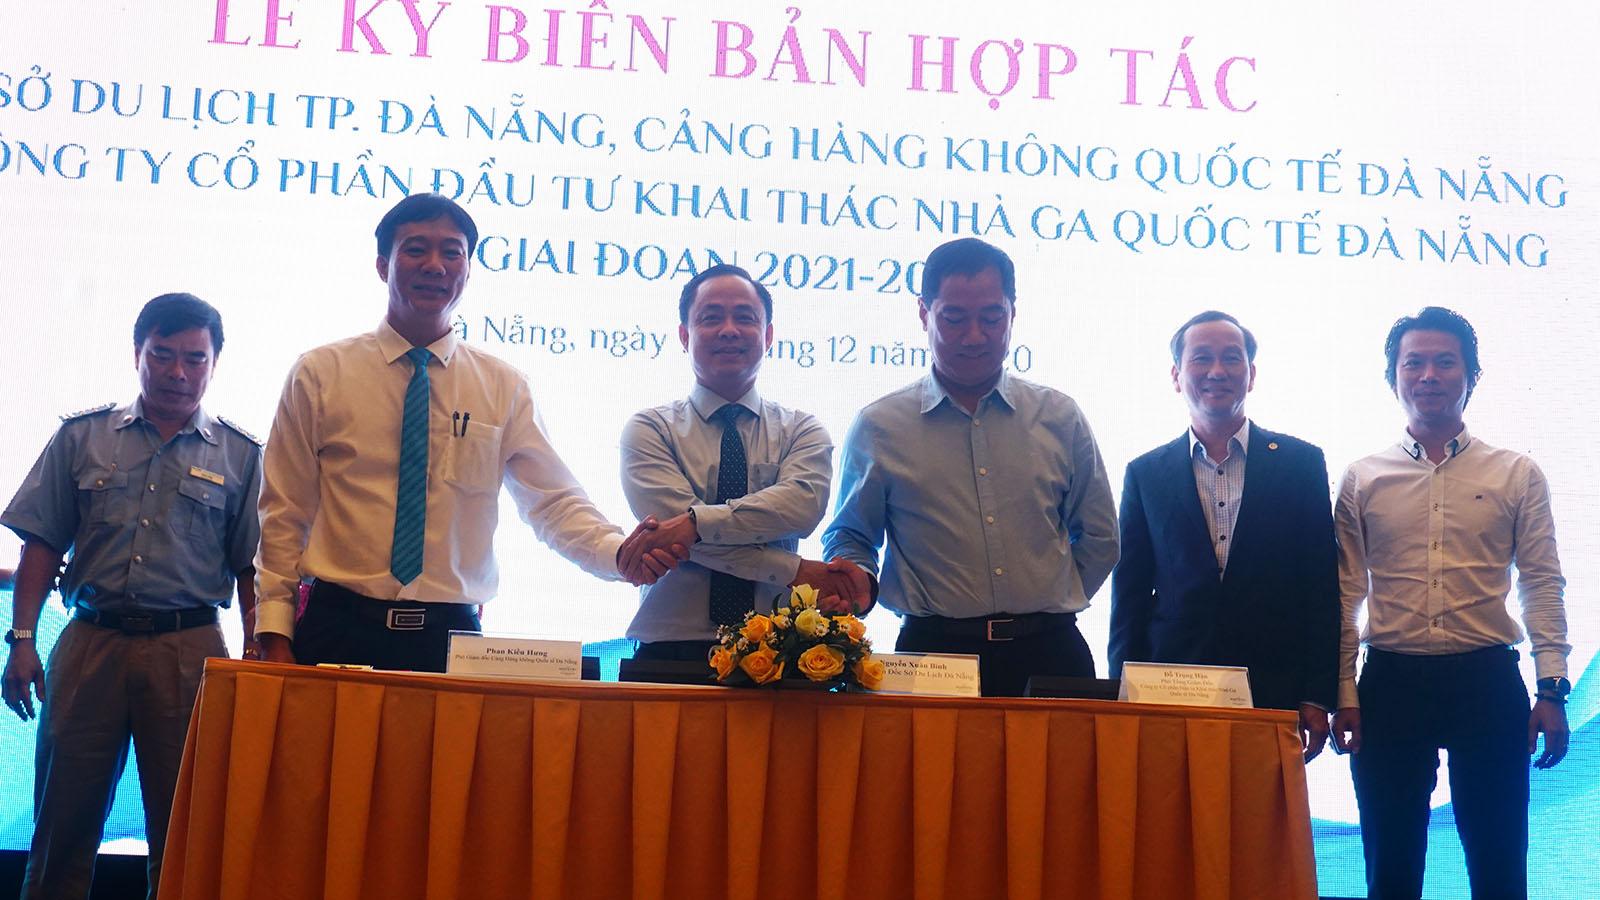 So Du Lich Tp Da Nang Cang Hang Khong Quoc Te Da Nang Cong Ty Co Phan Dau Tu Khai Thac Nha Ga Quoc Te Da Nang Day Manh Hop Tac Giai Doan 2021 2025 05